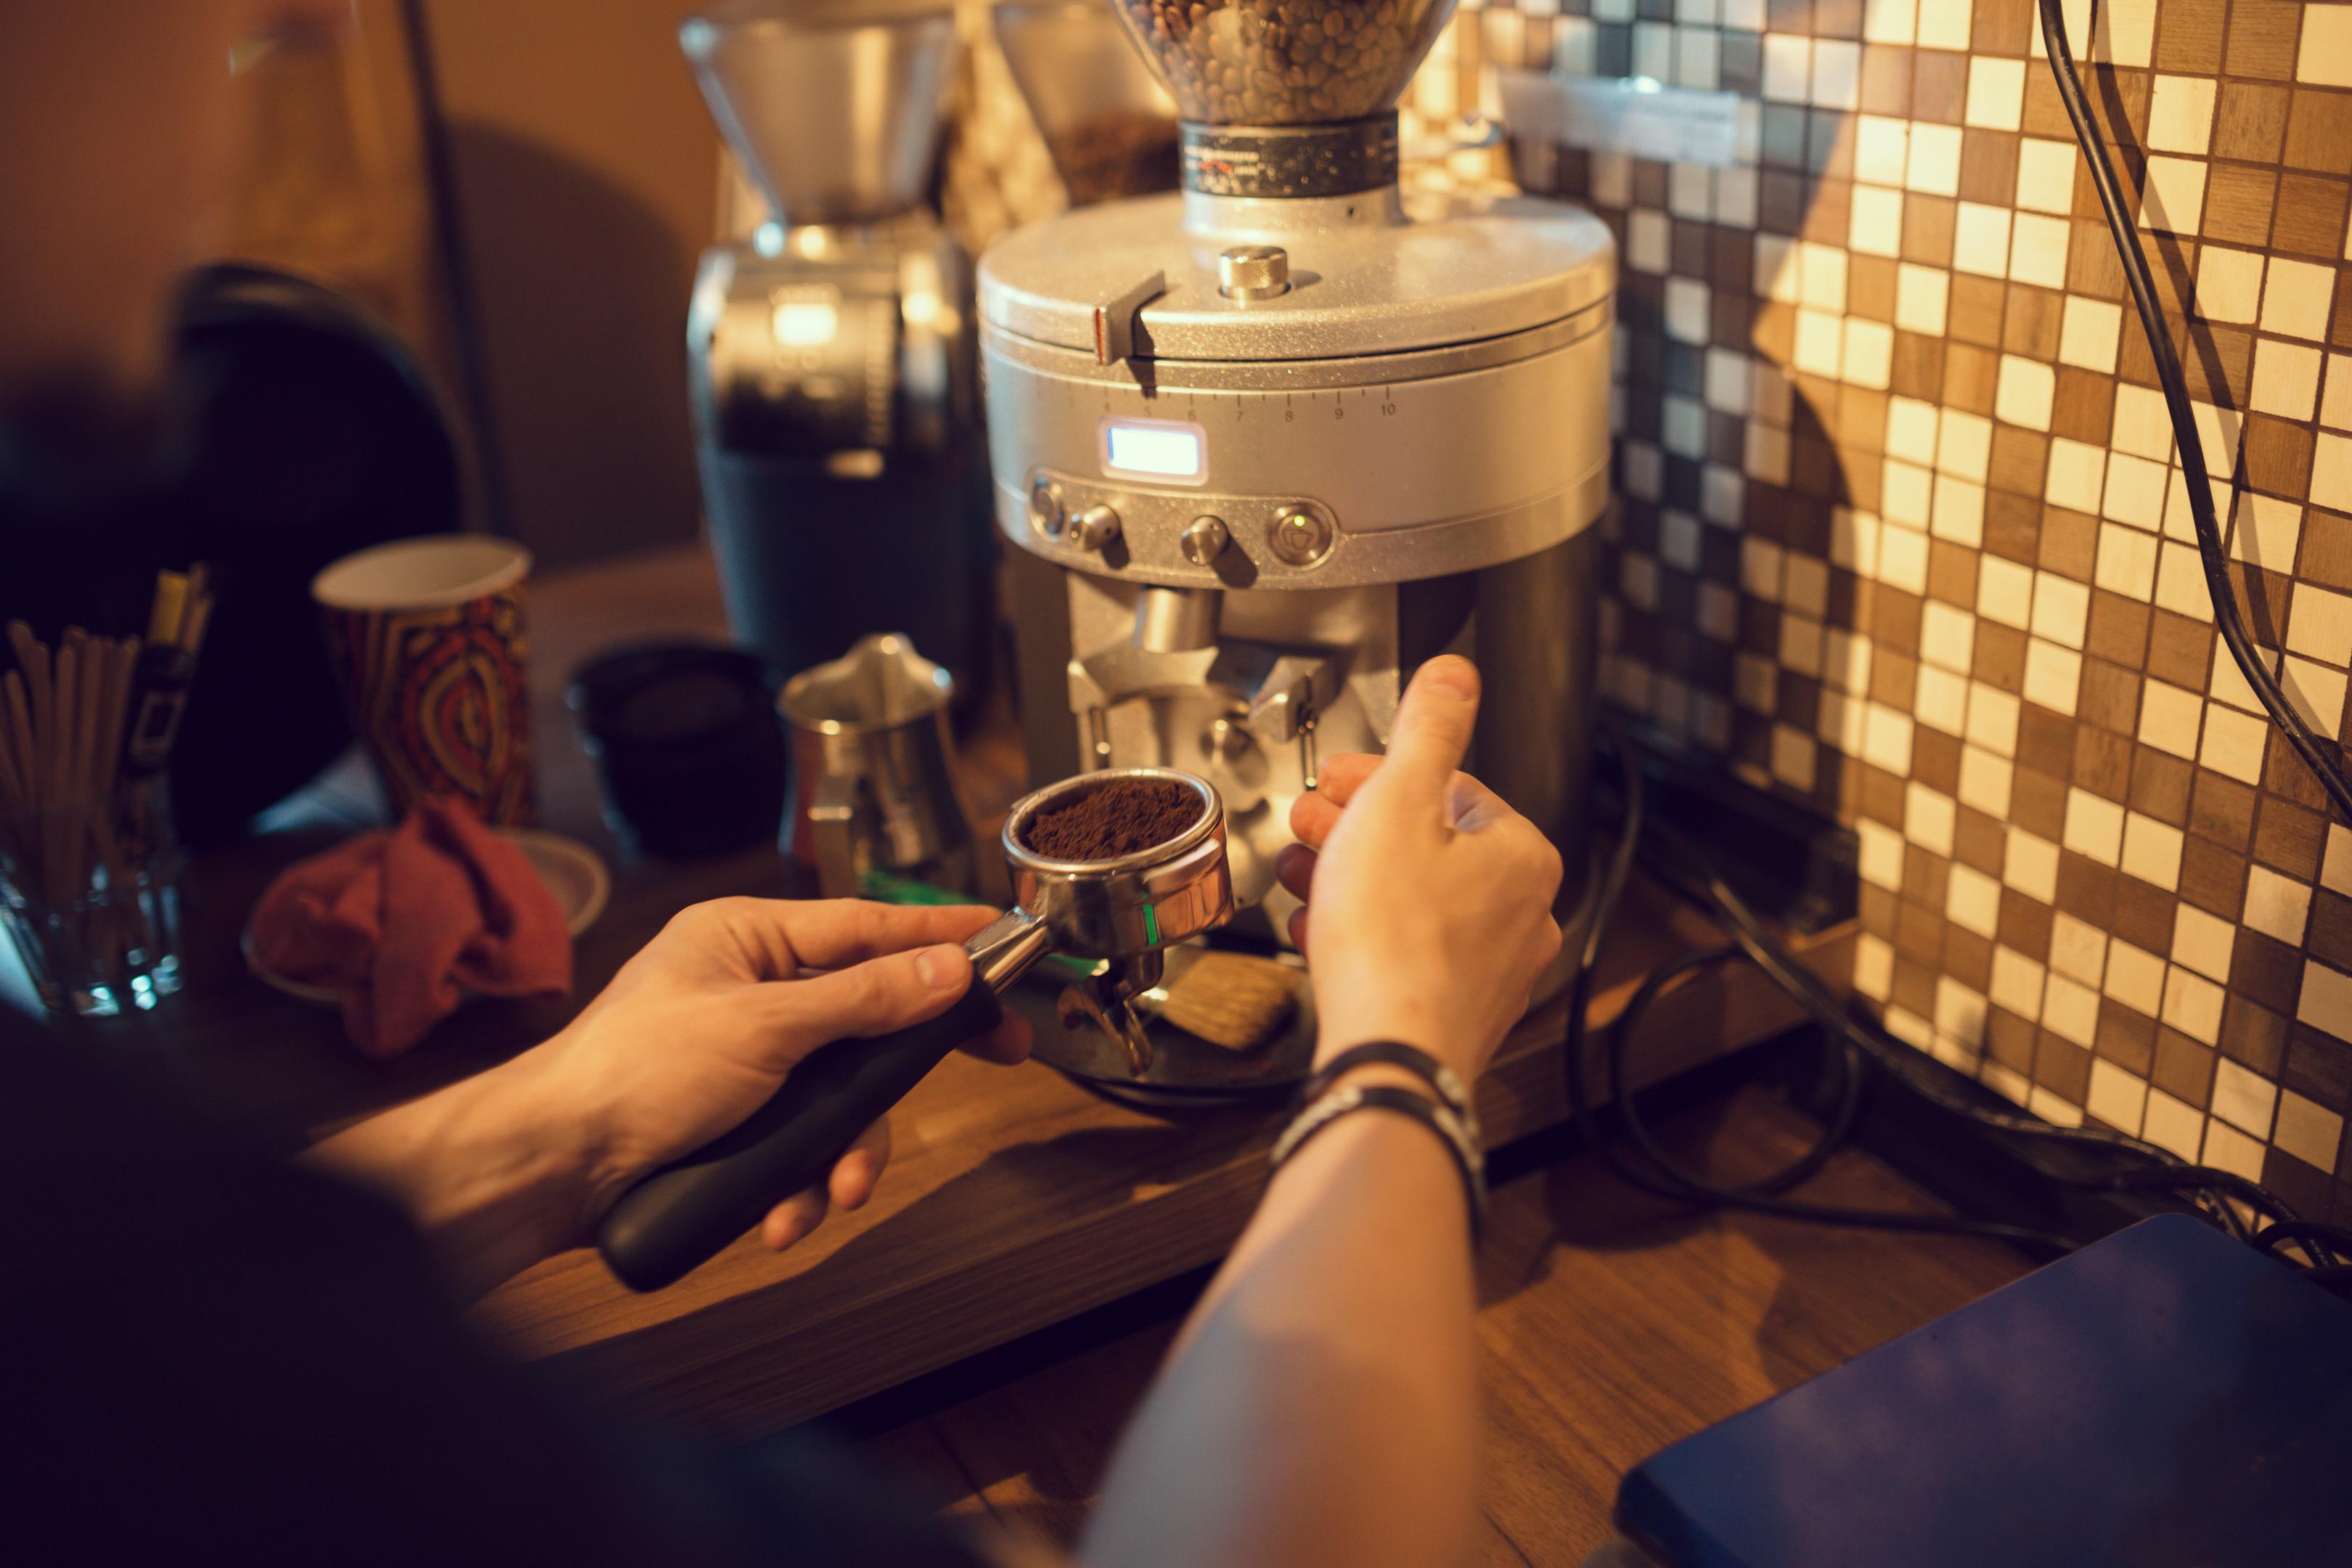 Forskjell på kaffe og espresso?